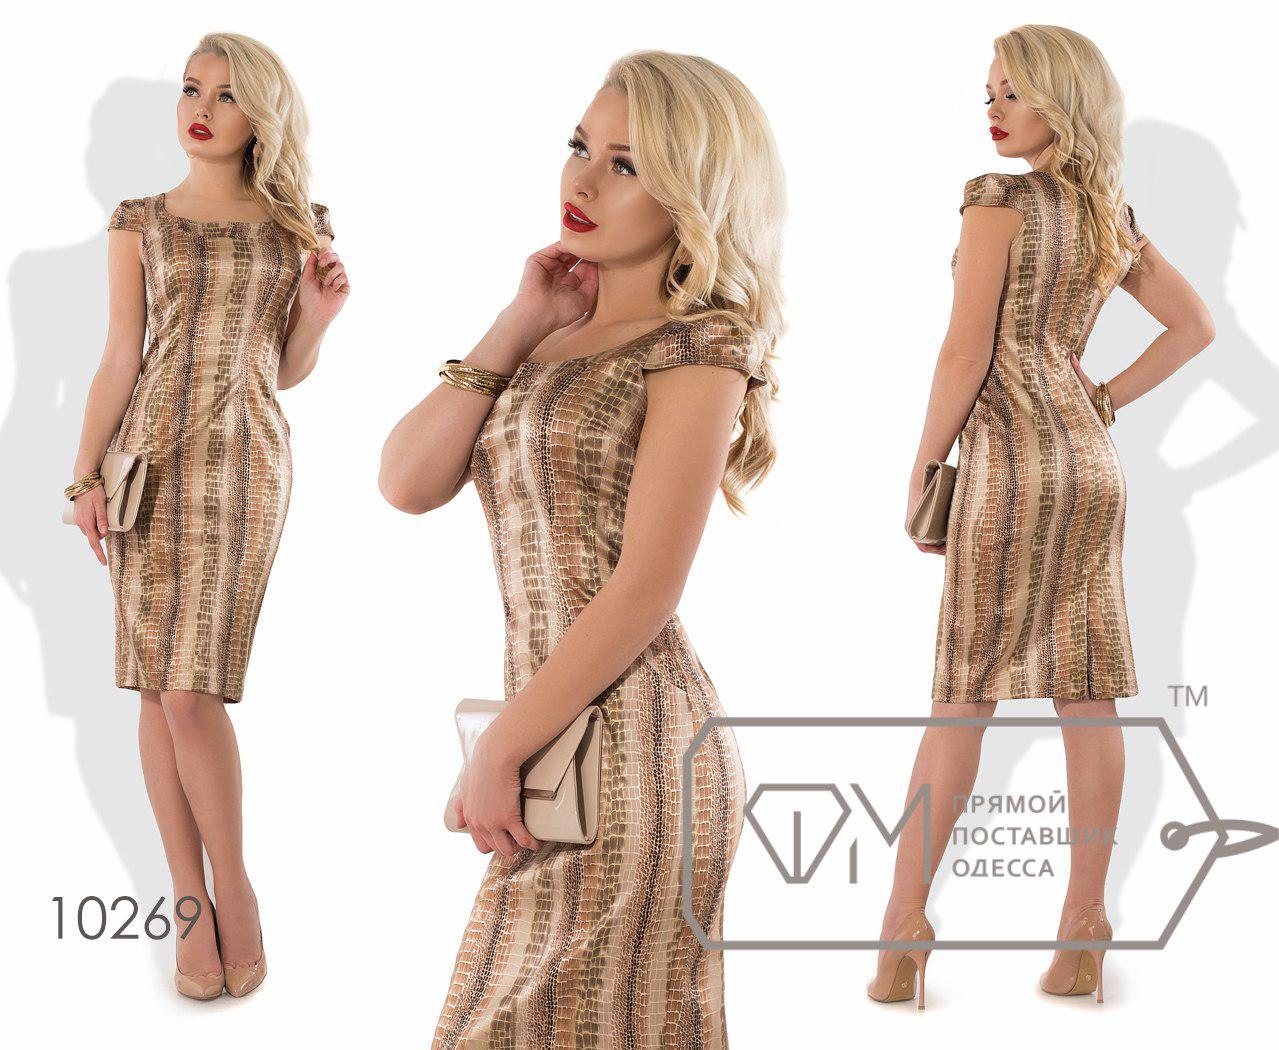 c8233cbfe30 Платье-футляр миди приталенное из атласа размер 42